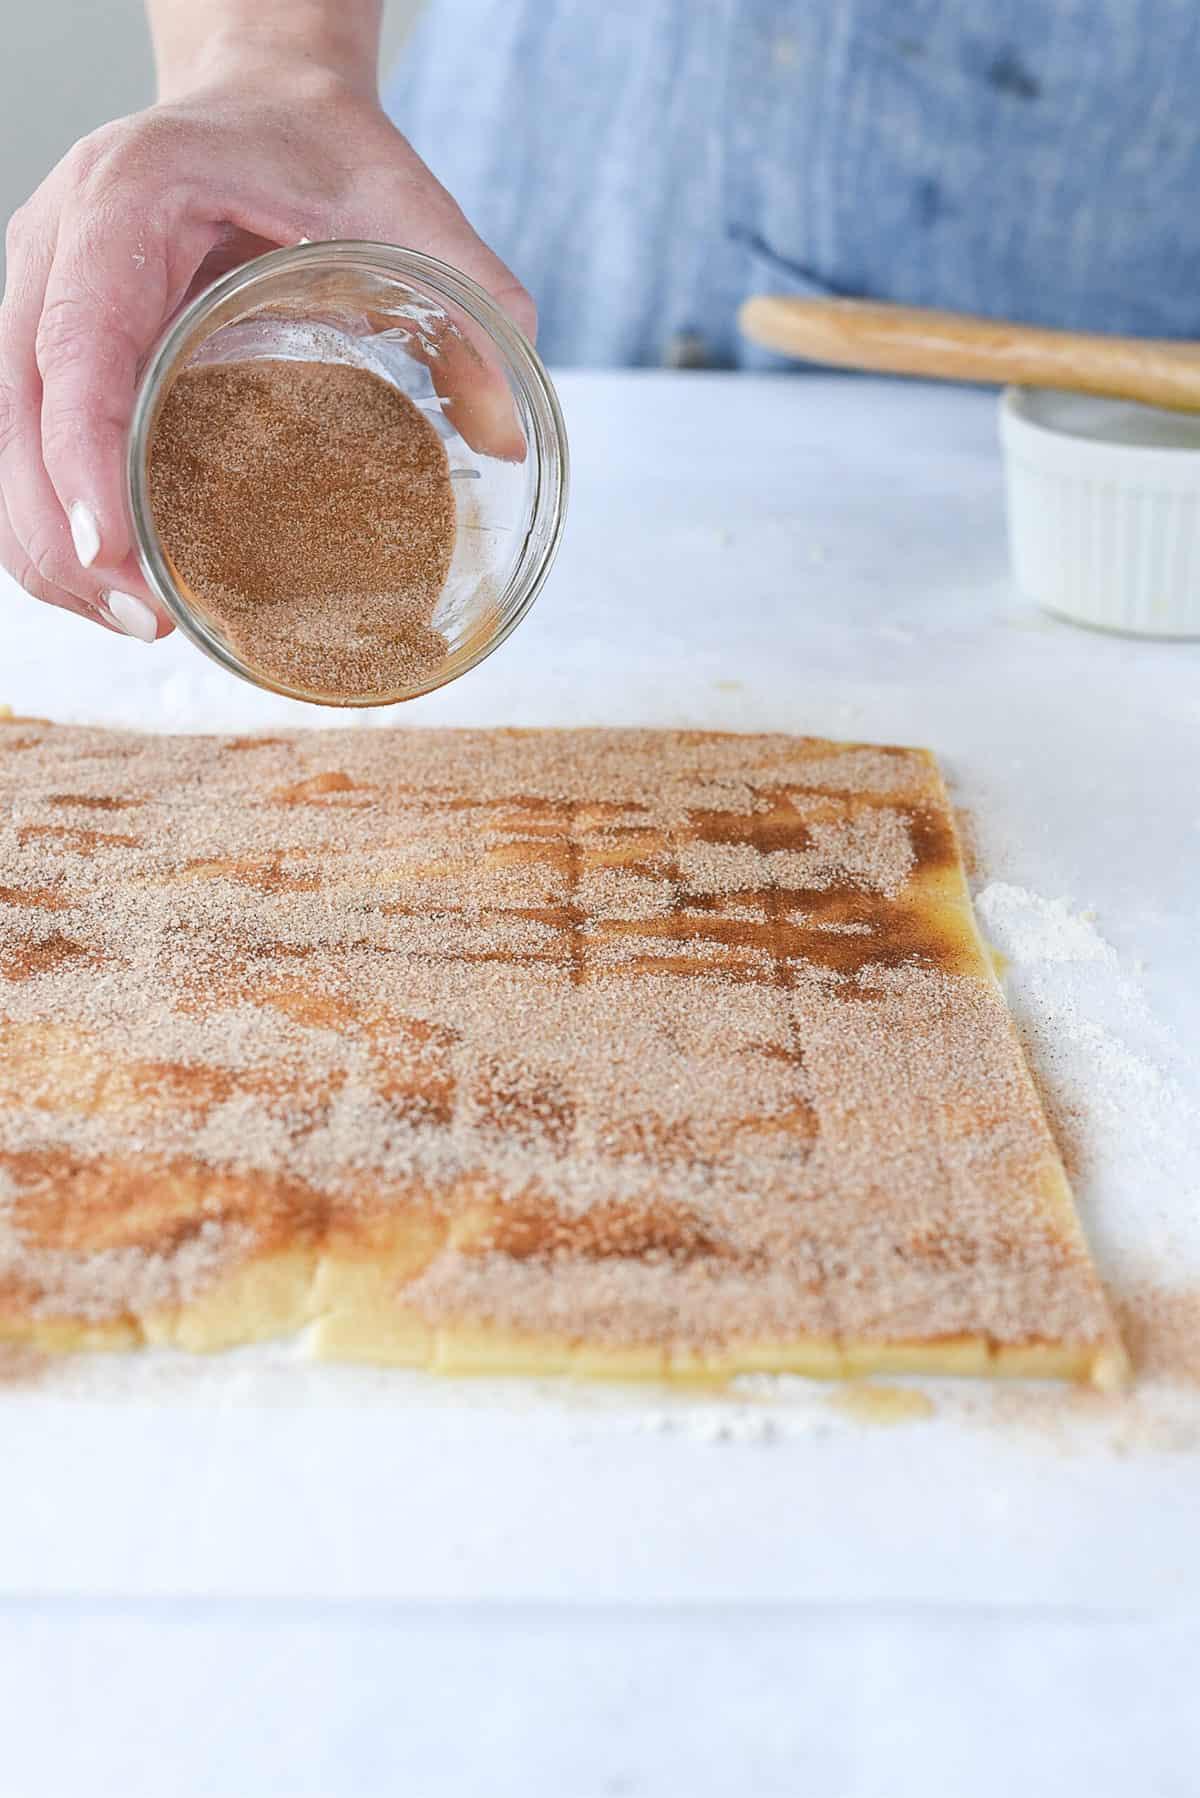 sprinkling pie dough with cinnamon sugar